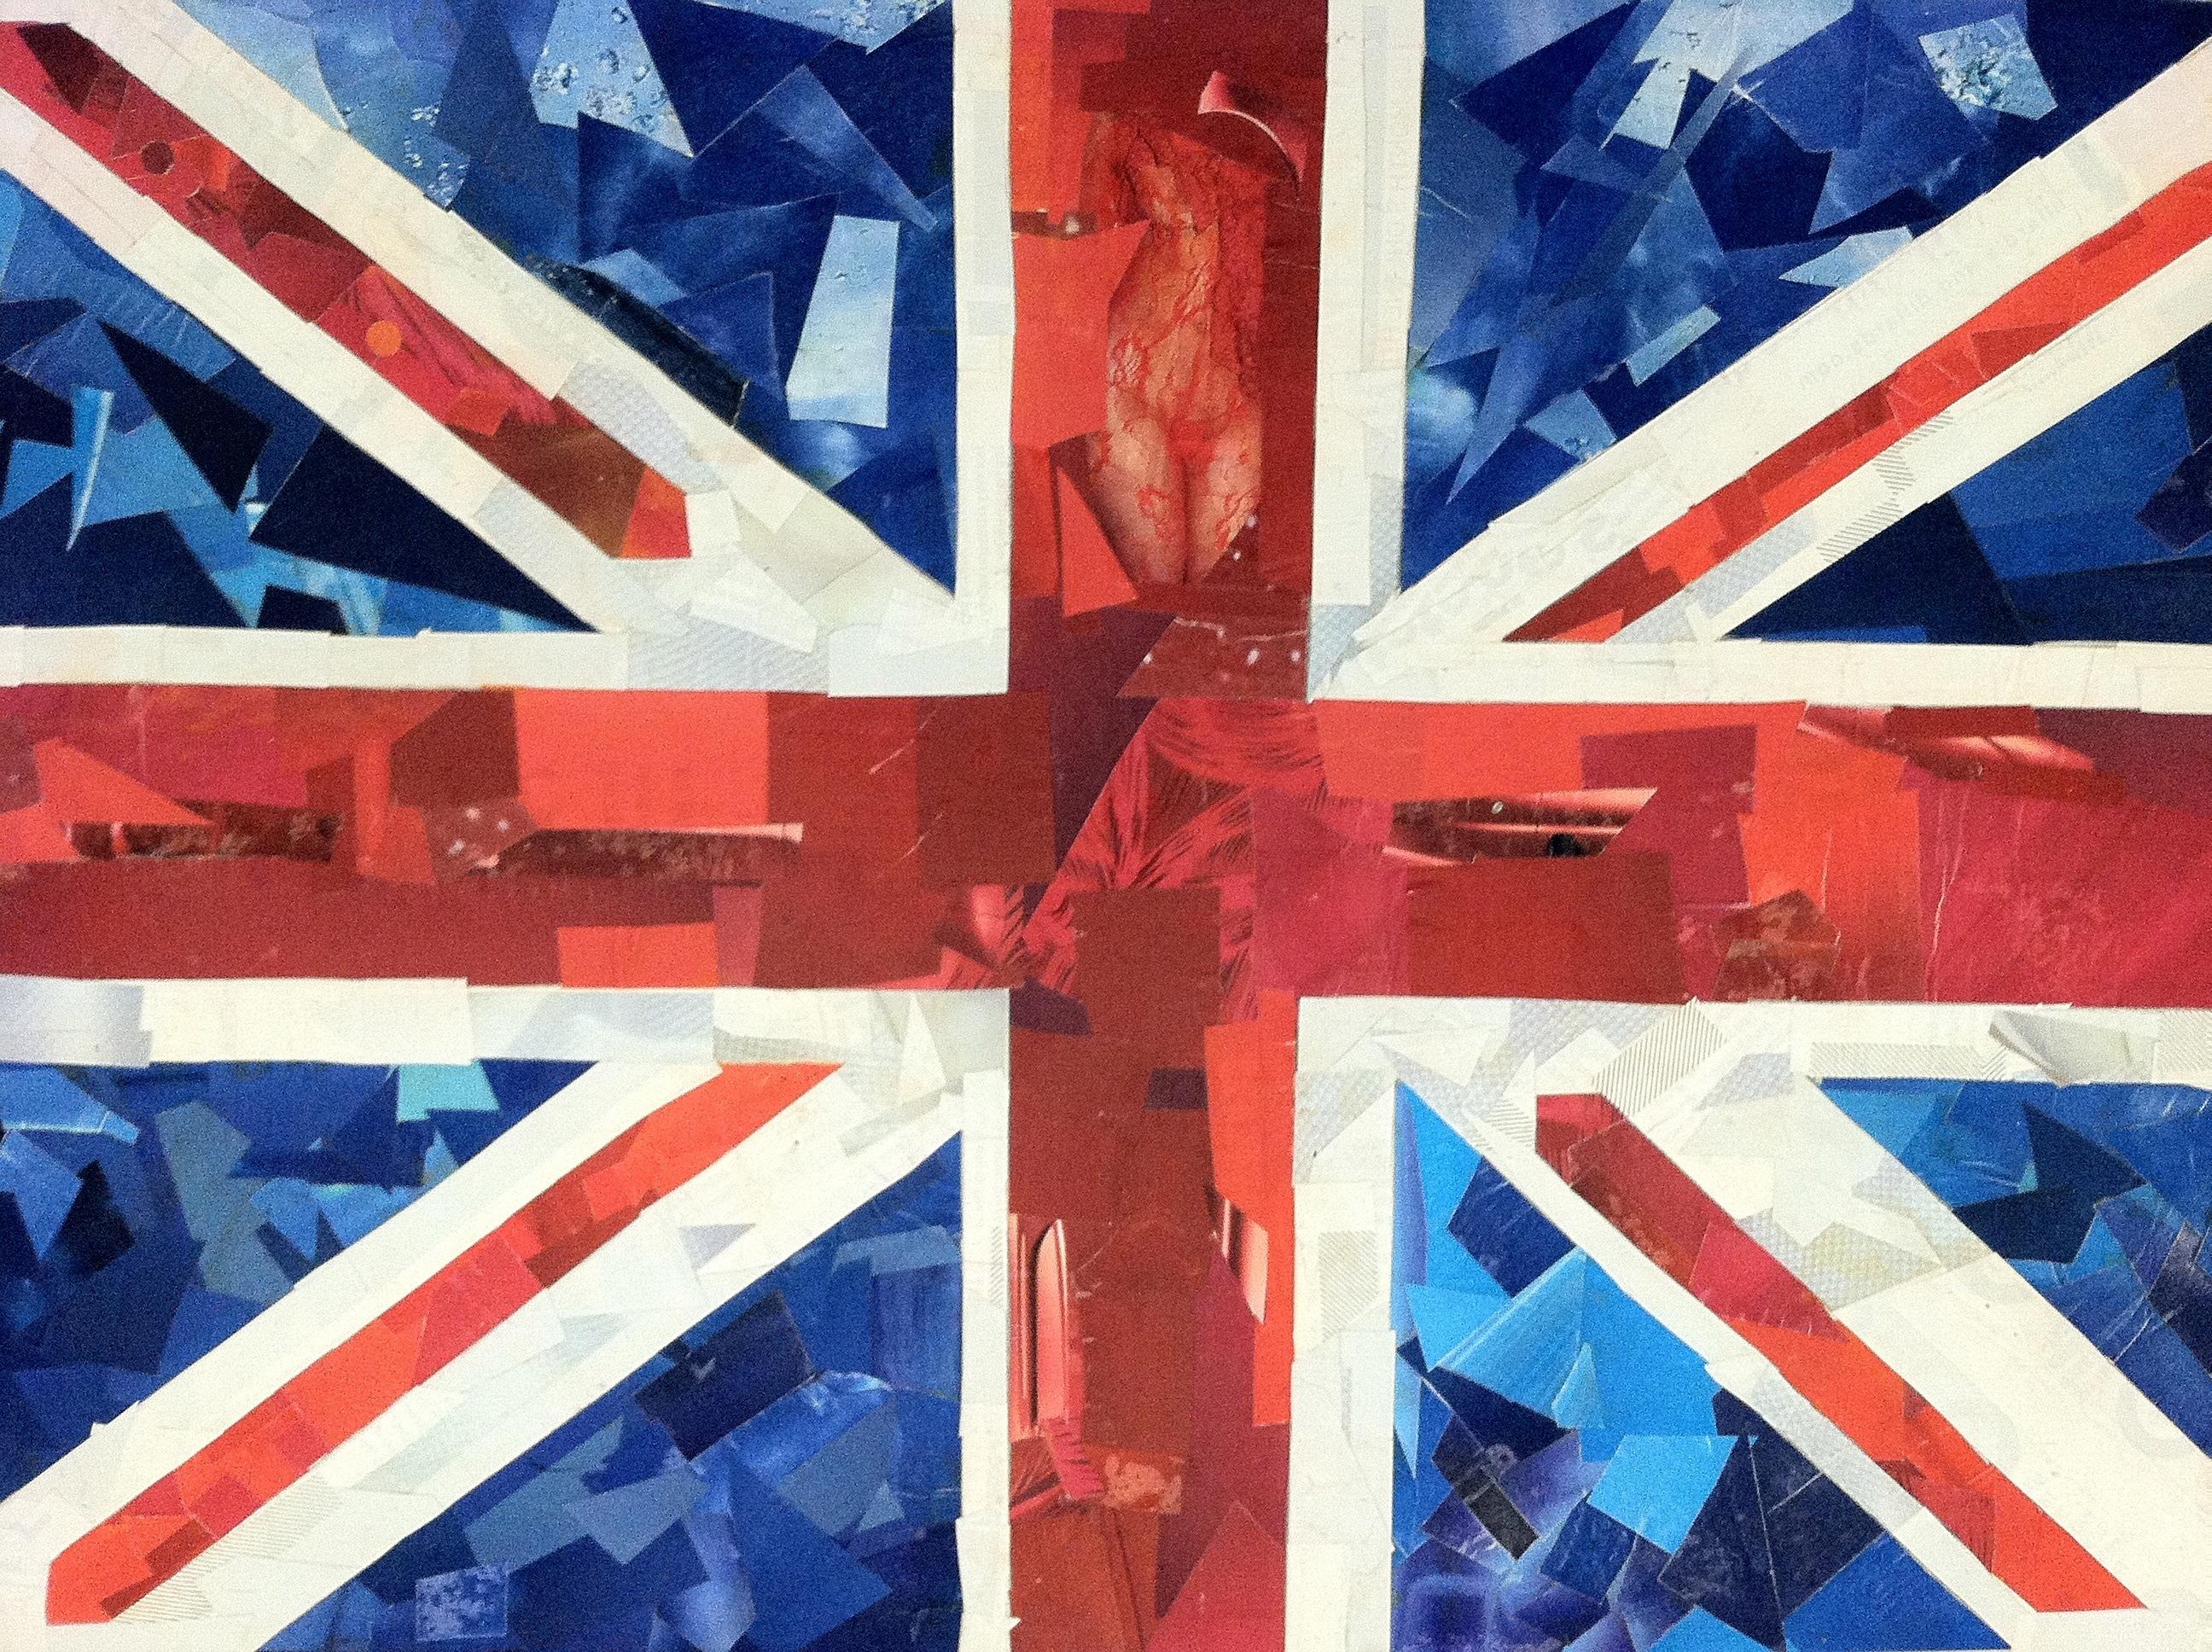 Union Jack by xMyHeartIsBleedingx on DeviantArt